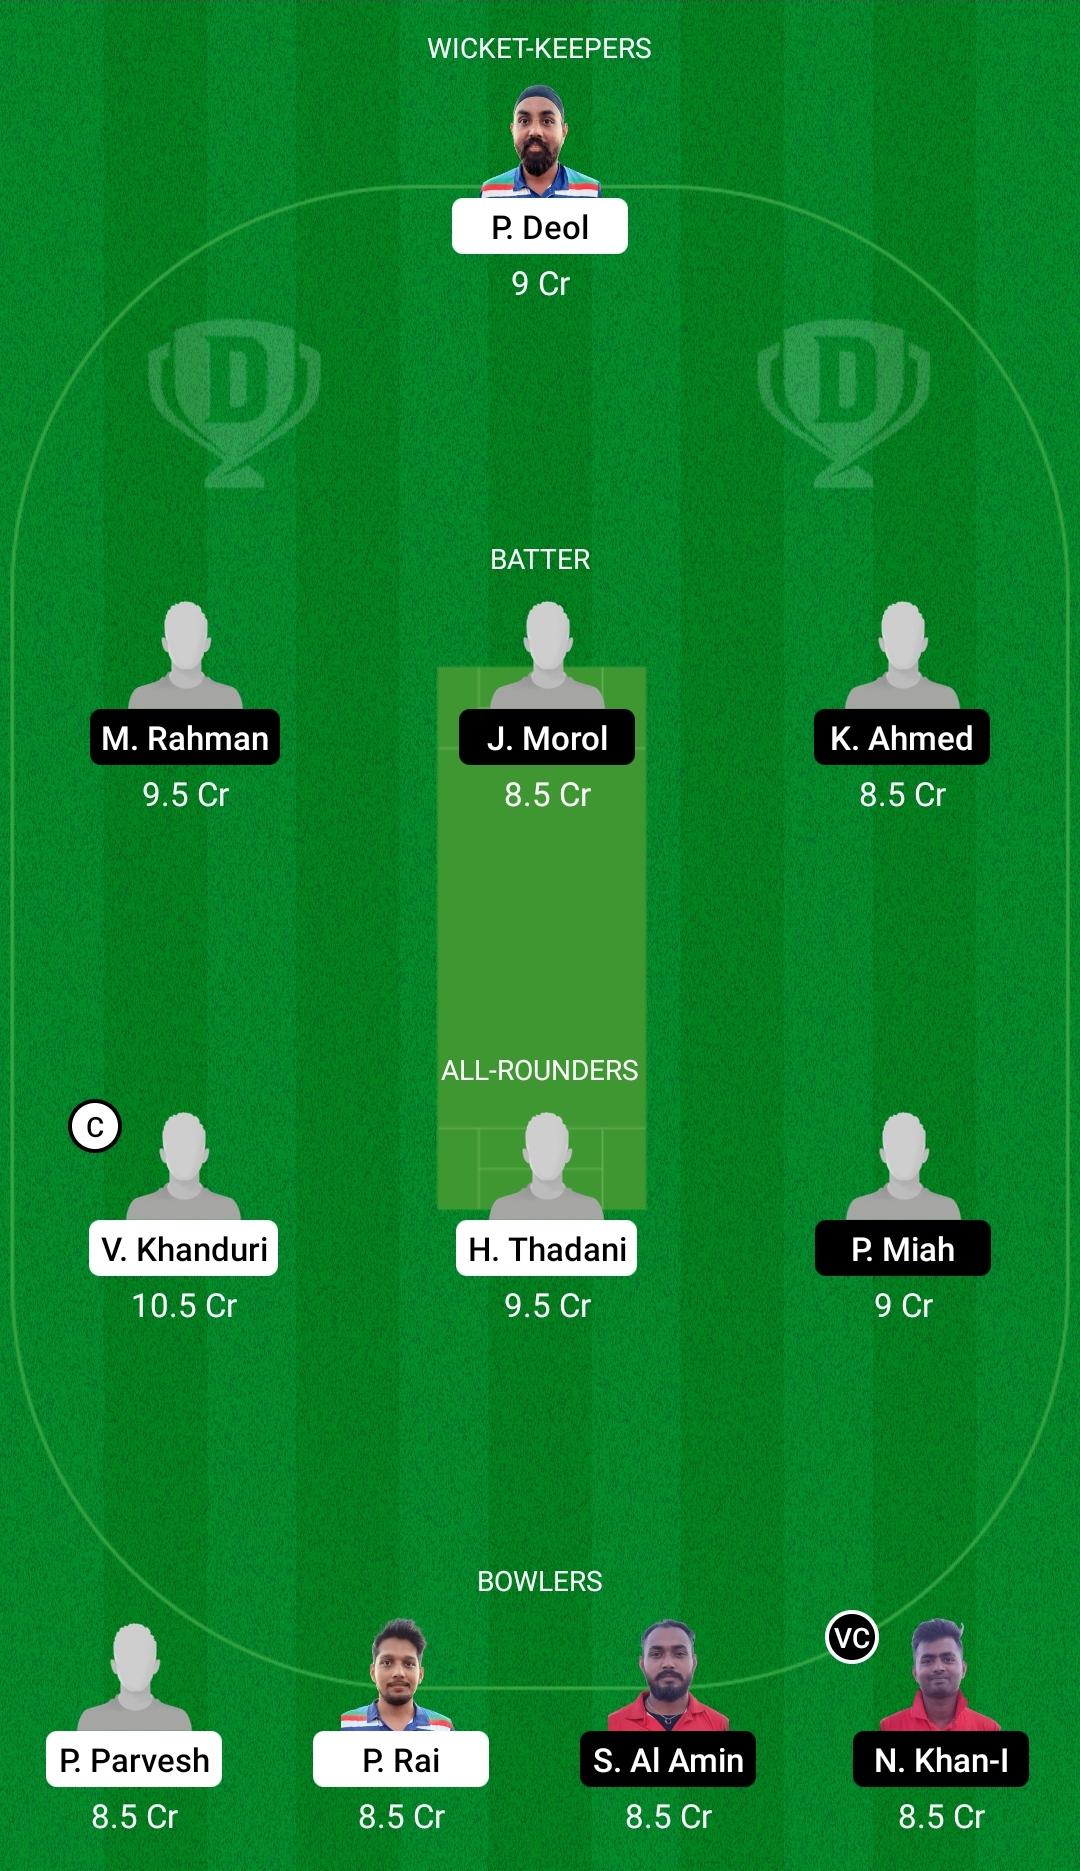 एएमडी बनाम एनएफसीसी ड्रीम11 भविष्यवाणी काल्पनिक क्रिकेट युक्तियाँ ड्रीम11 टीम फैनकोड ईसीएस टी10 साइप्रस